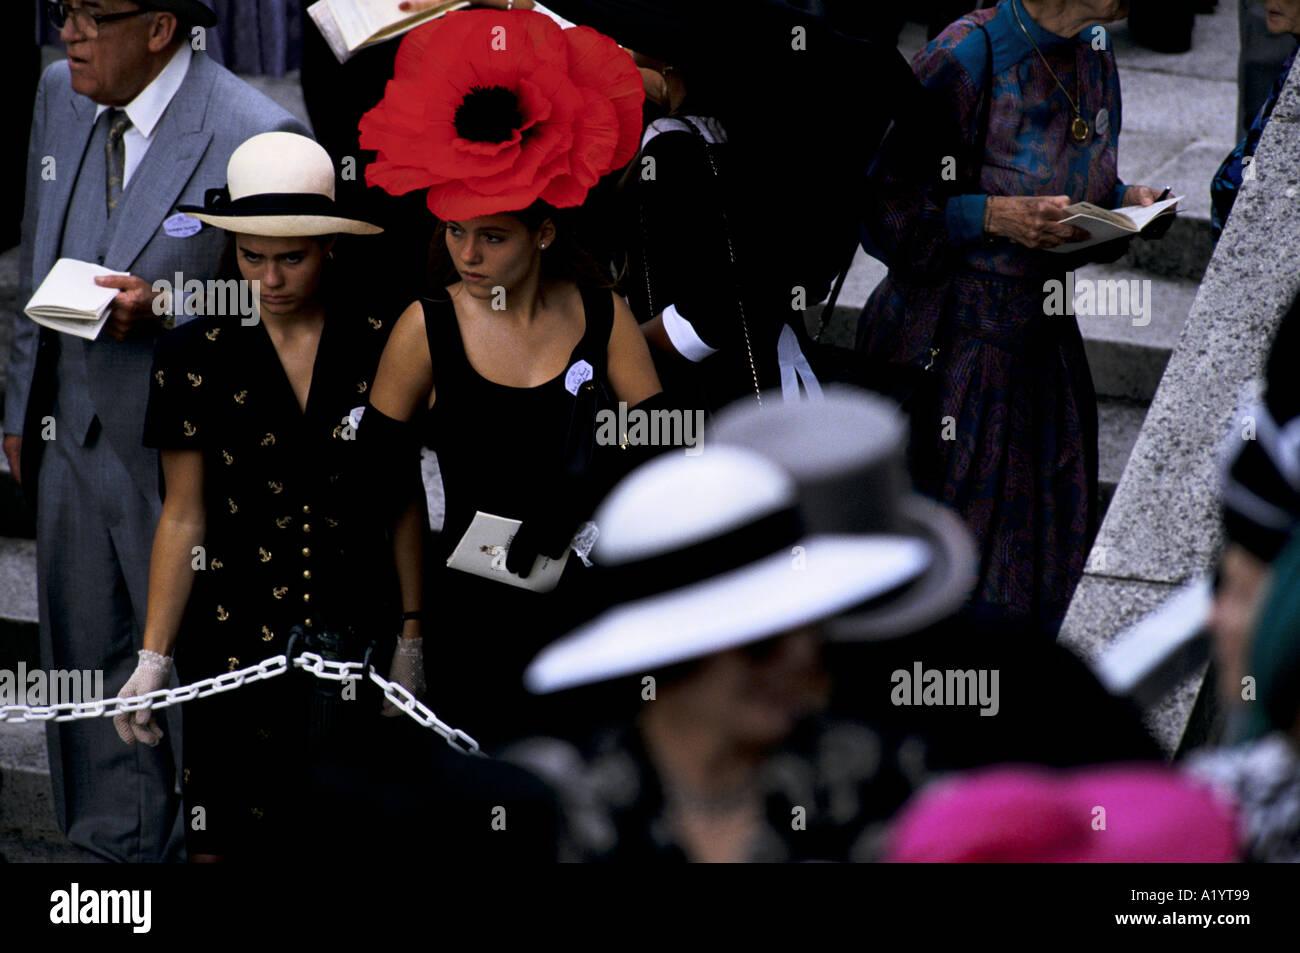 Lady With Large Hat Imágenes De Stock   Lady With Large Hat Fotos De ... 8327e0eb459e